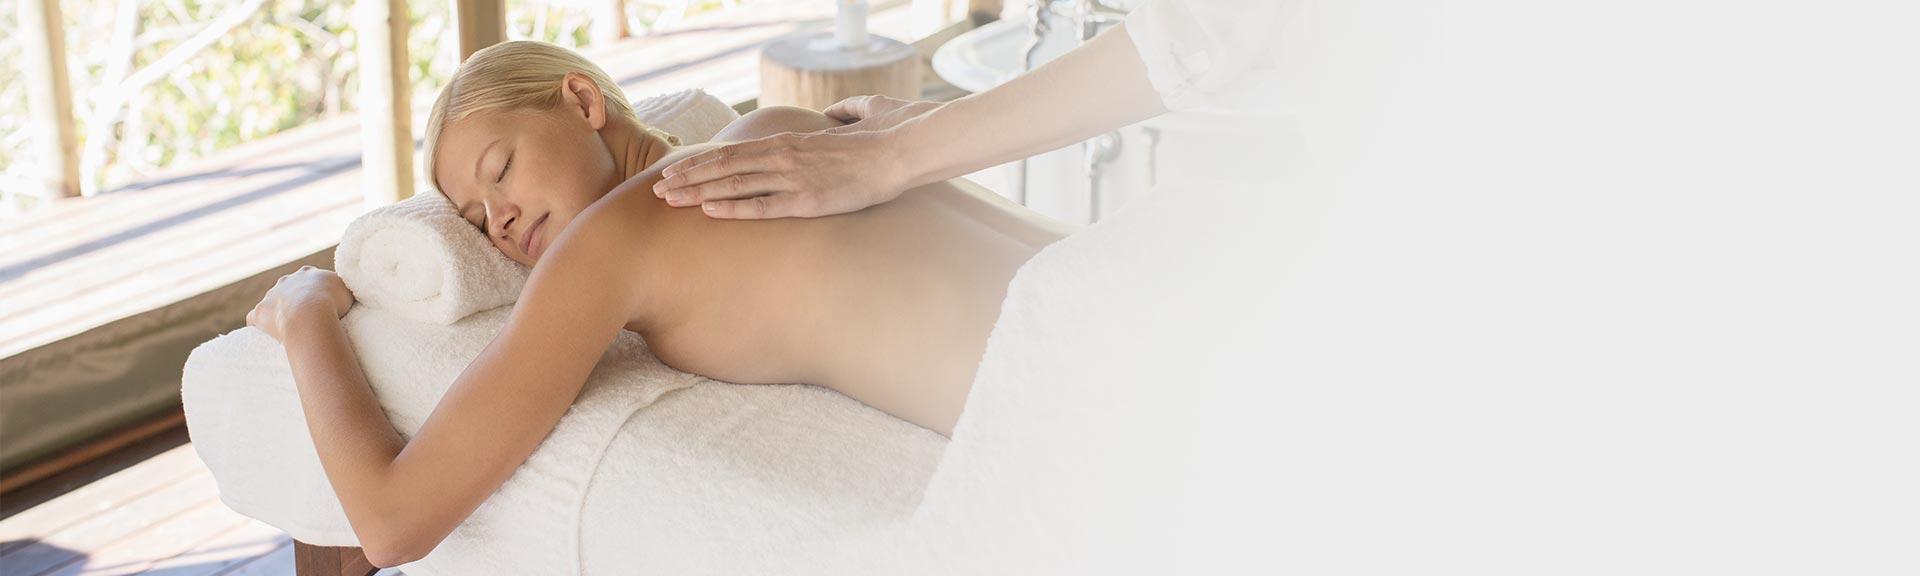 Lösungen für Hotel und Wellness